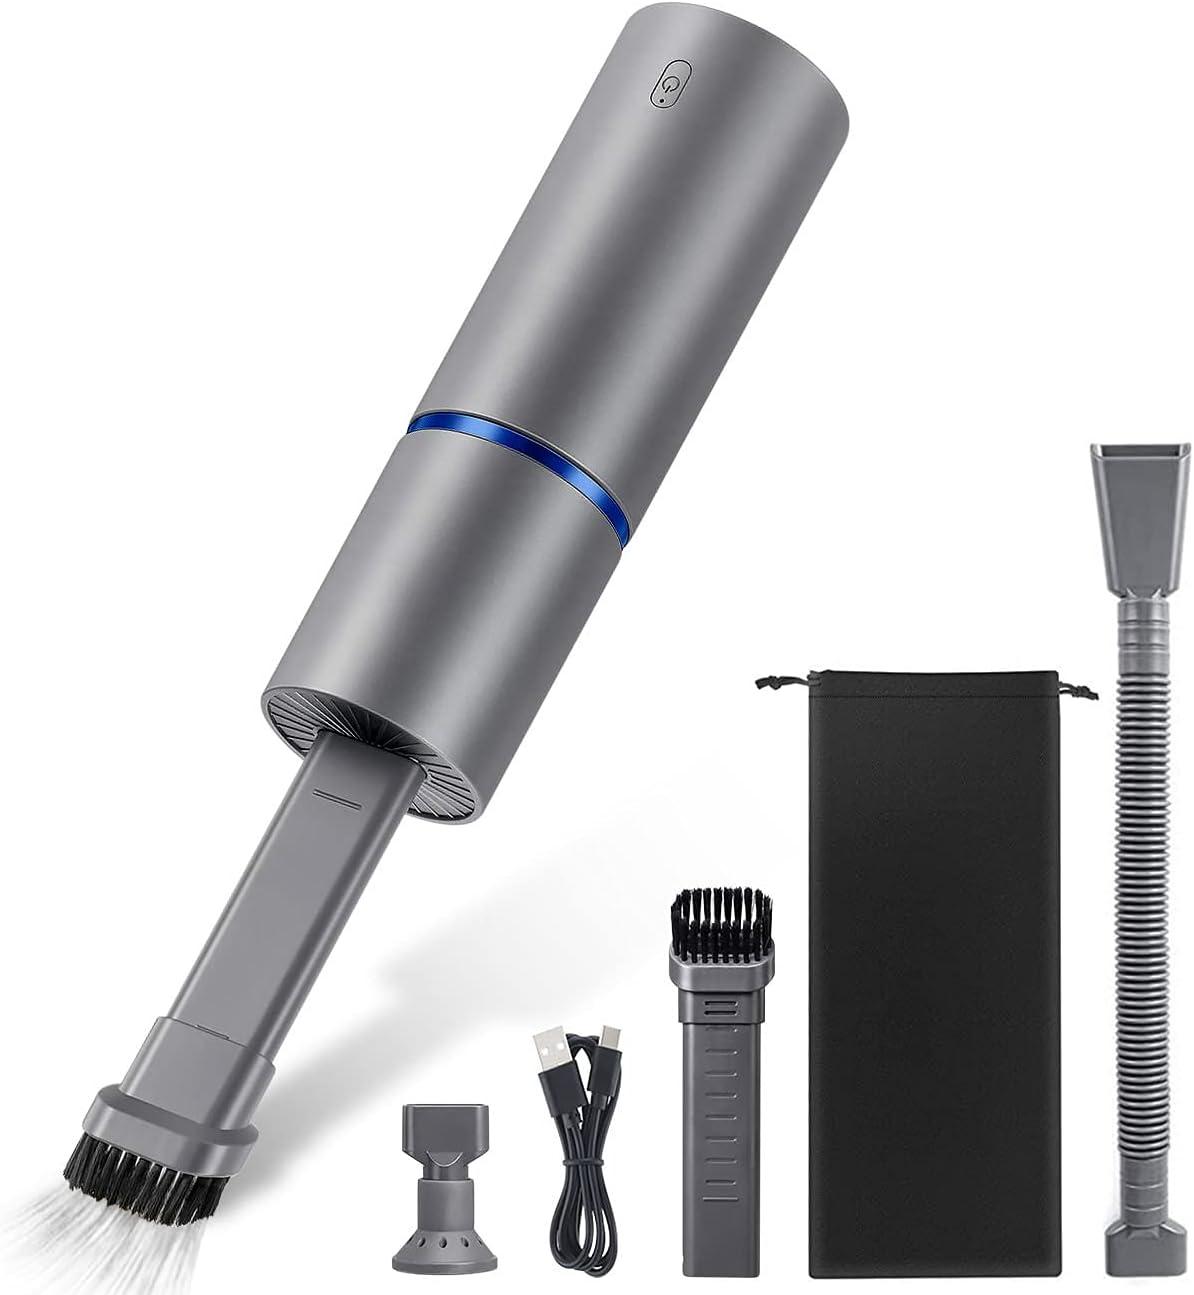 送料無料カード決済可能 HONKYOB Mini VacuumCordless 安値 Air DusterHand in 1 Pump Handhel 3